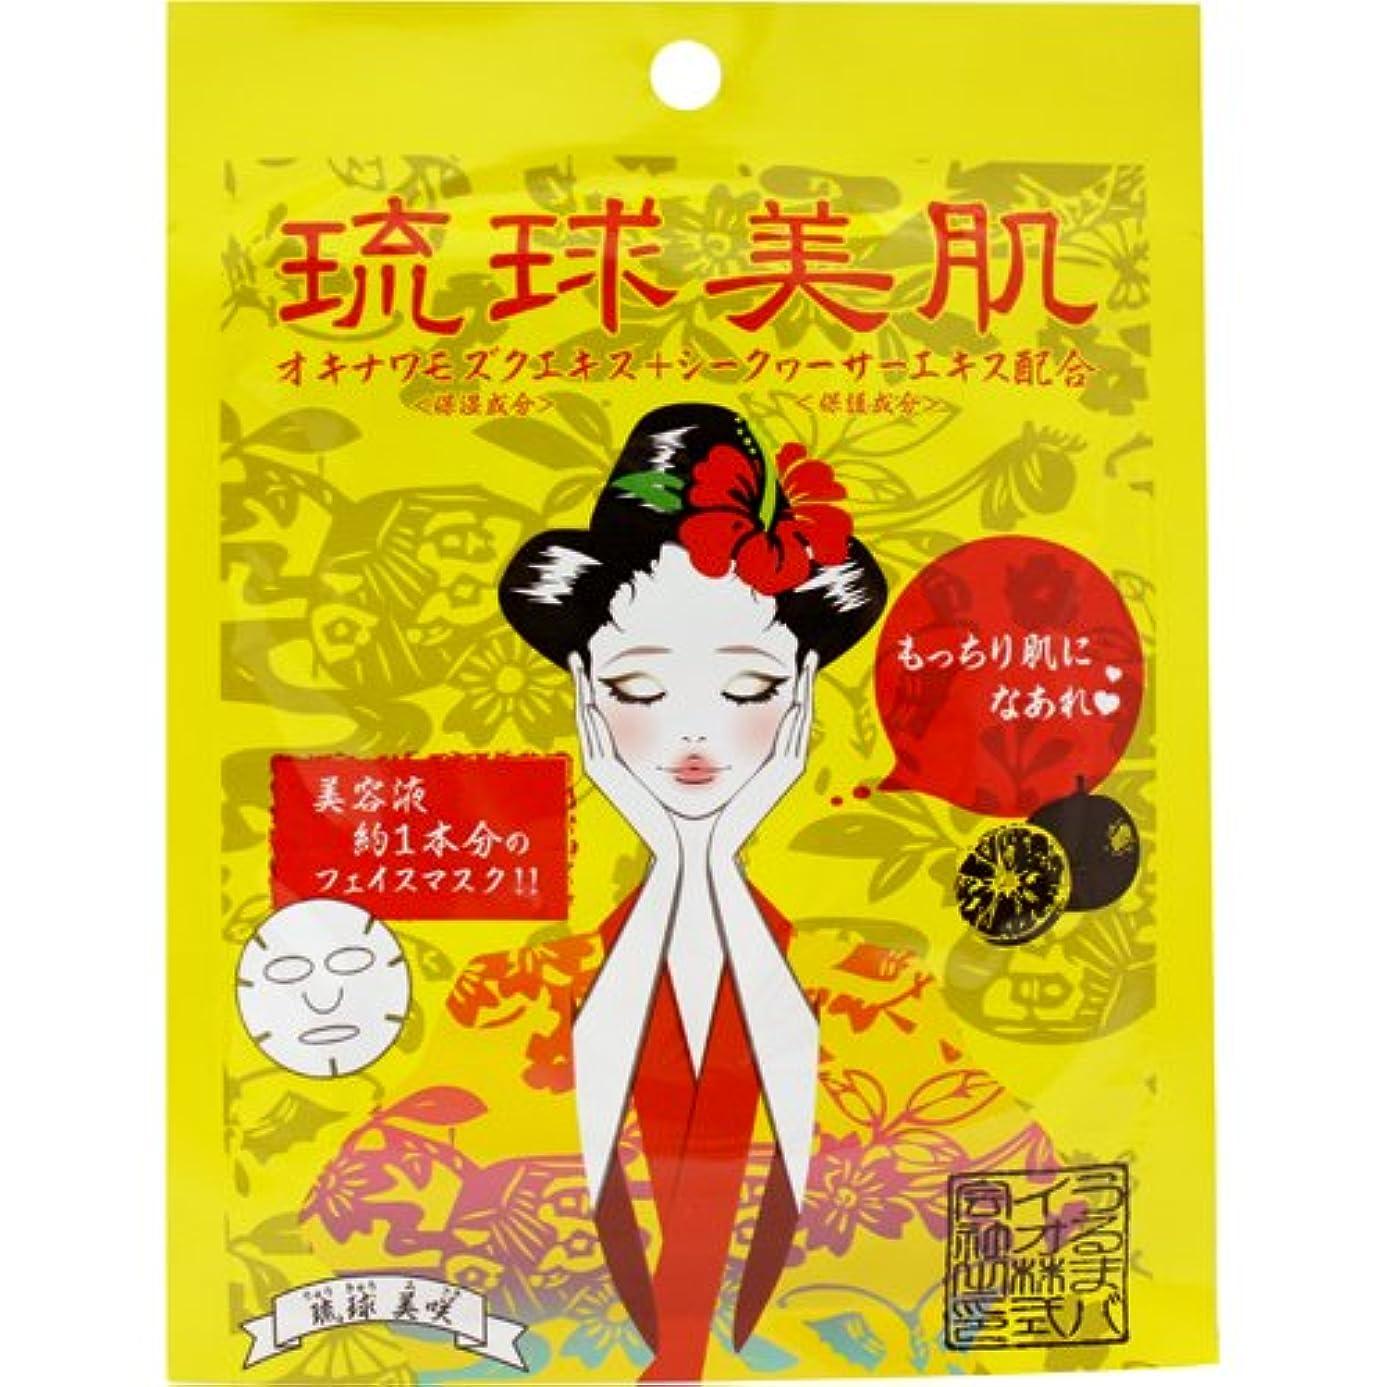 奪う変成器オアシス琉球美肌フェイスマスクシート黄 (シークァーサーの香り)×10パック